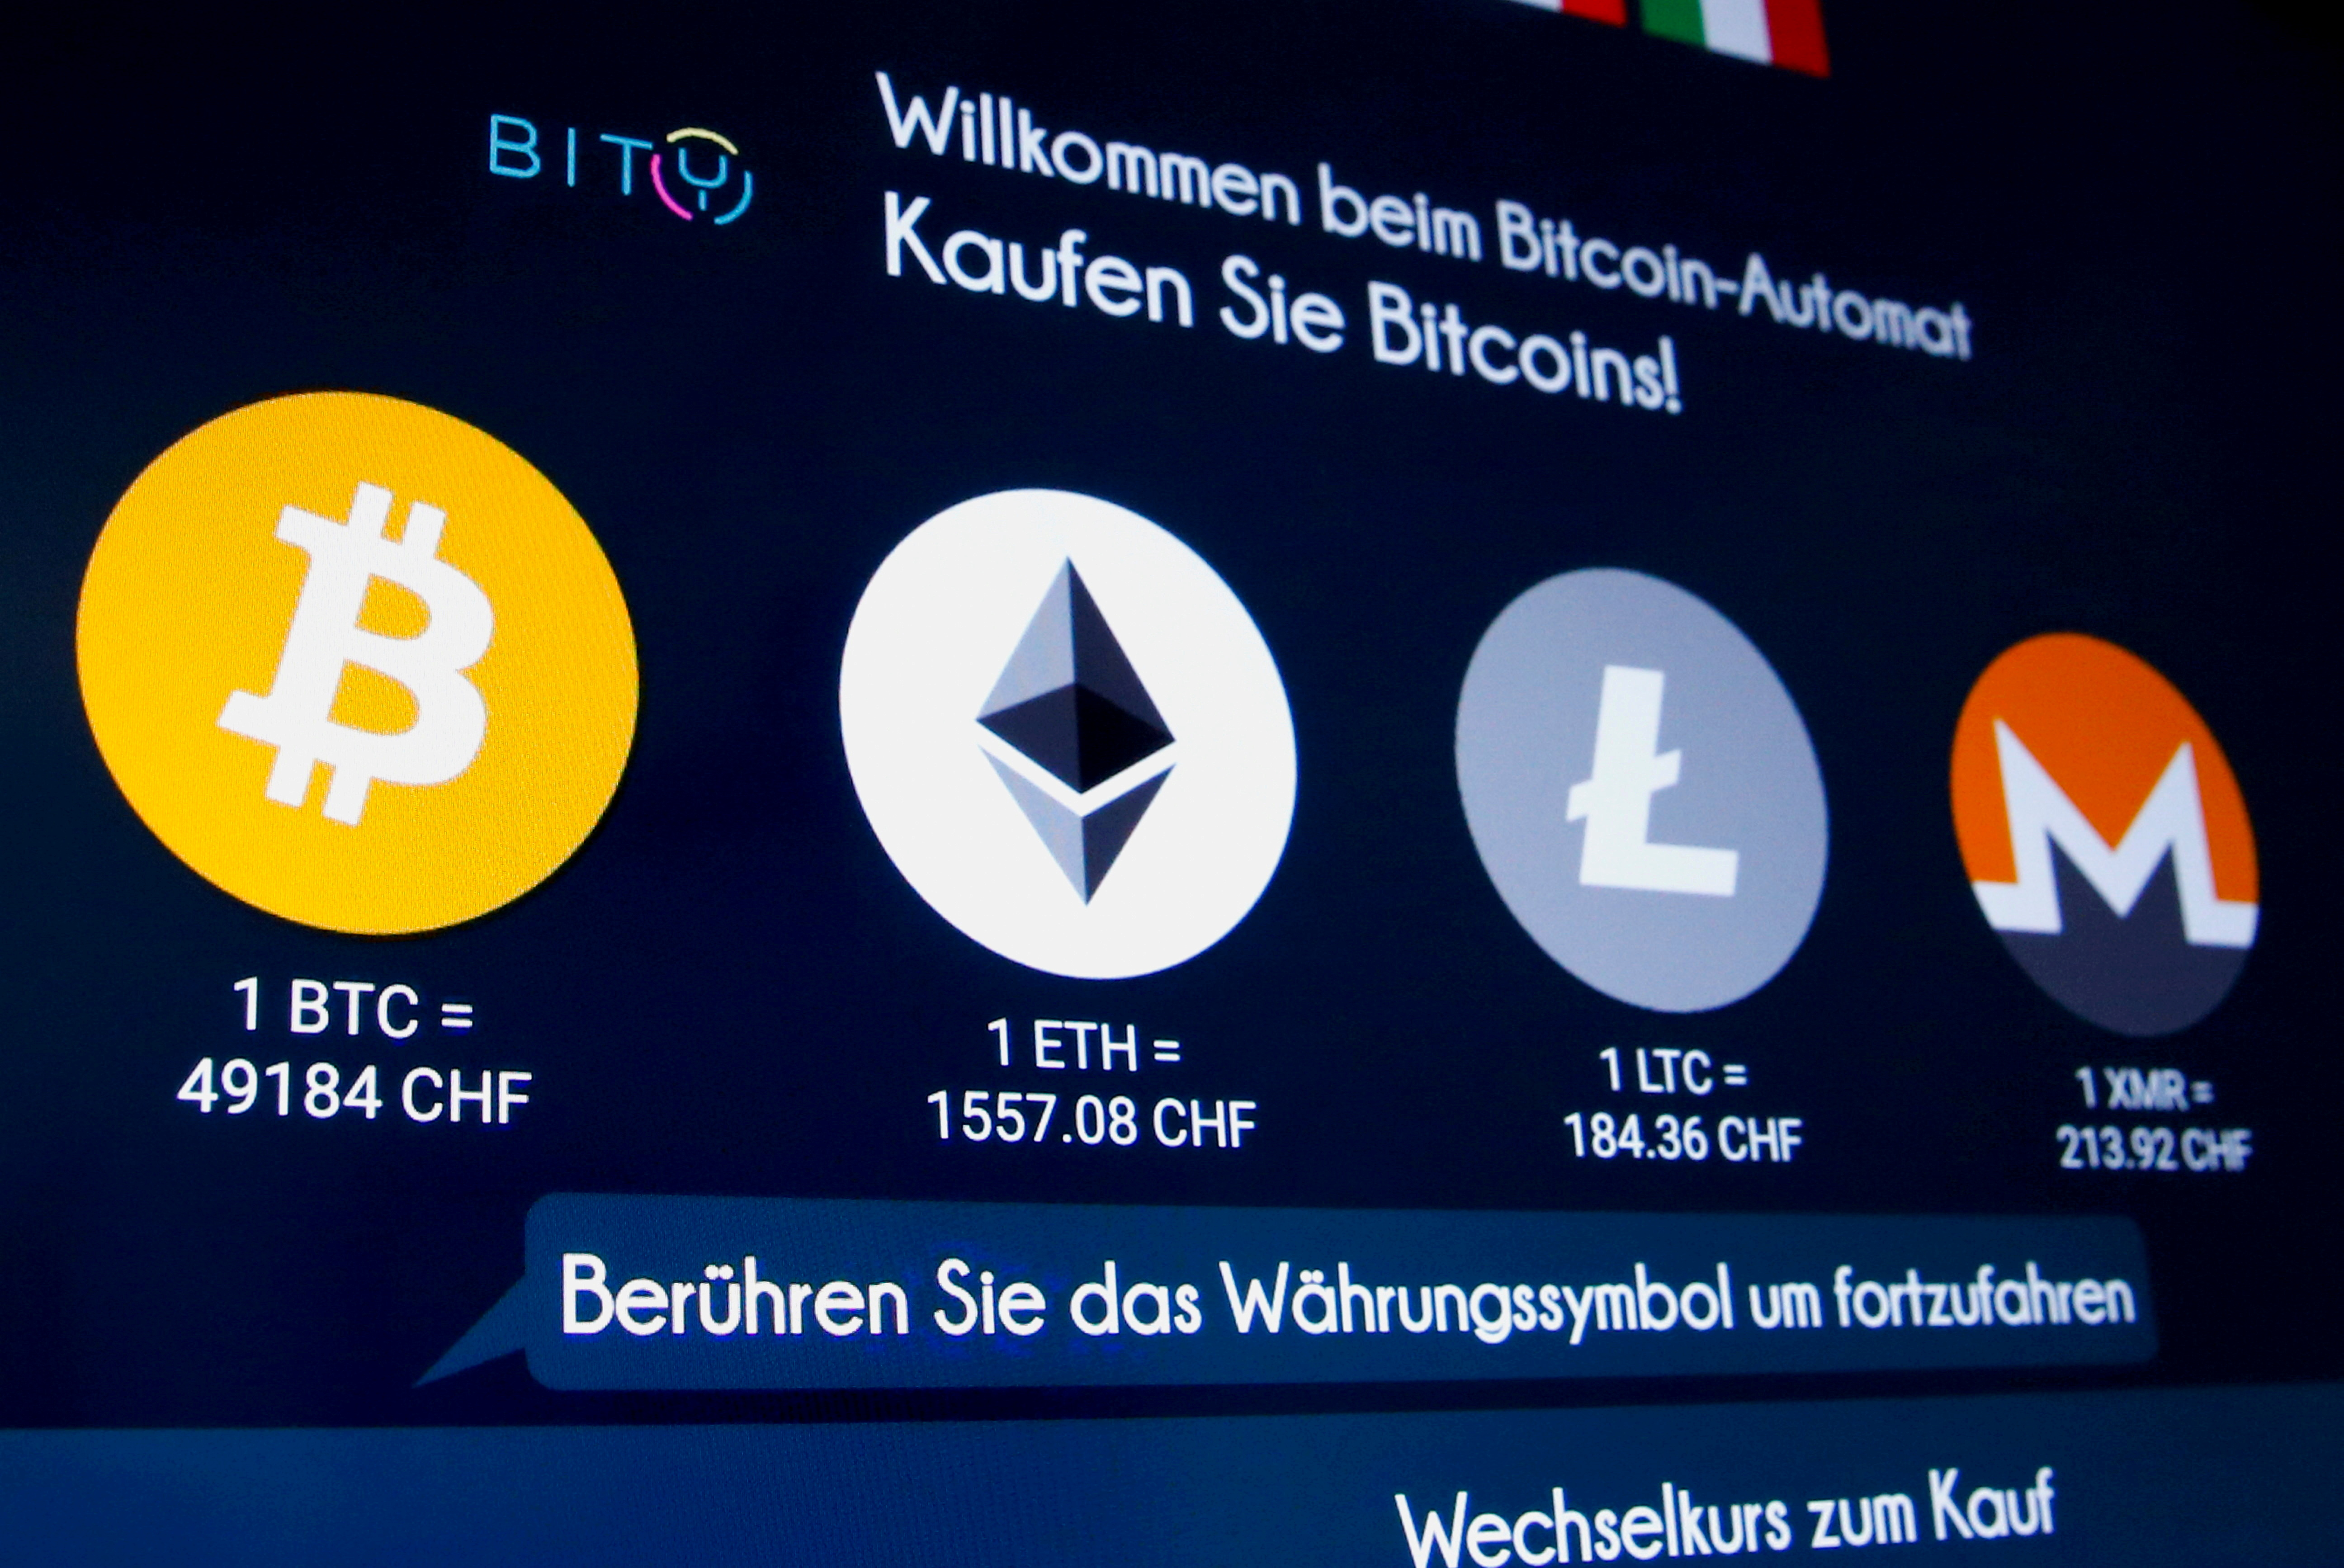 Logotipos de varias criptomonedas en una pantalla.